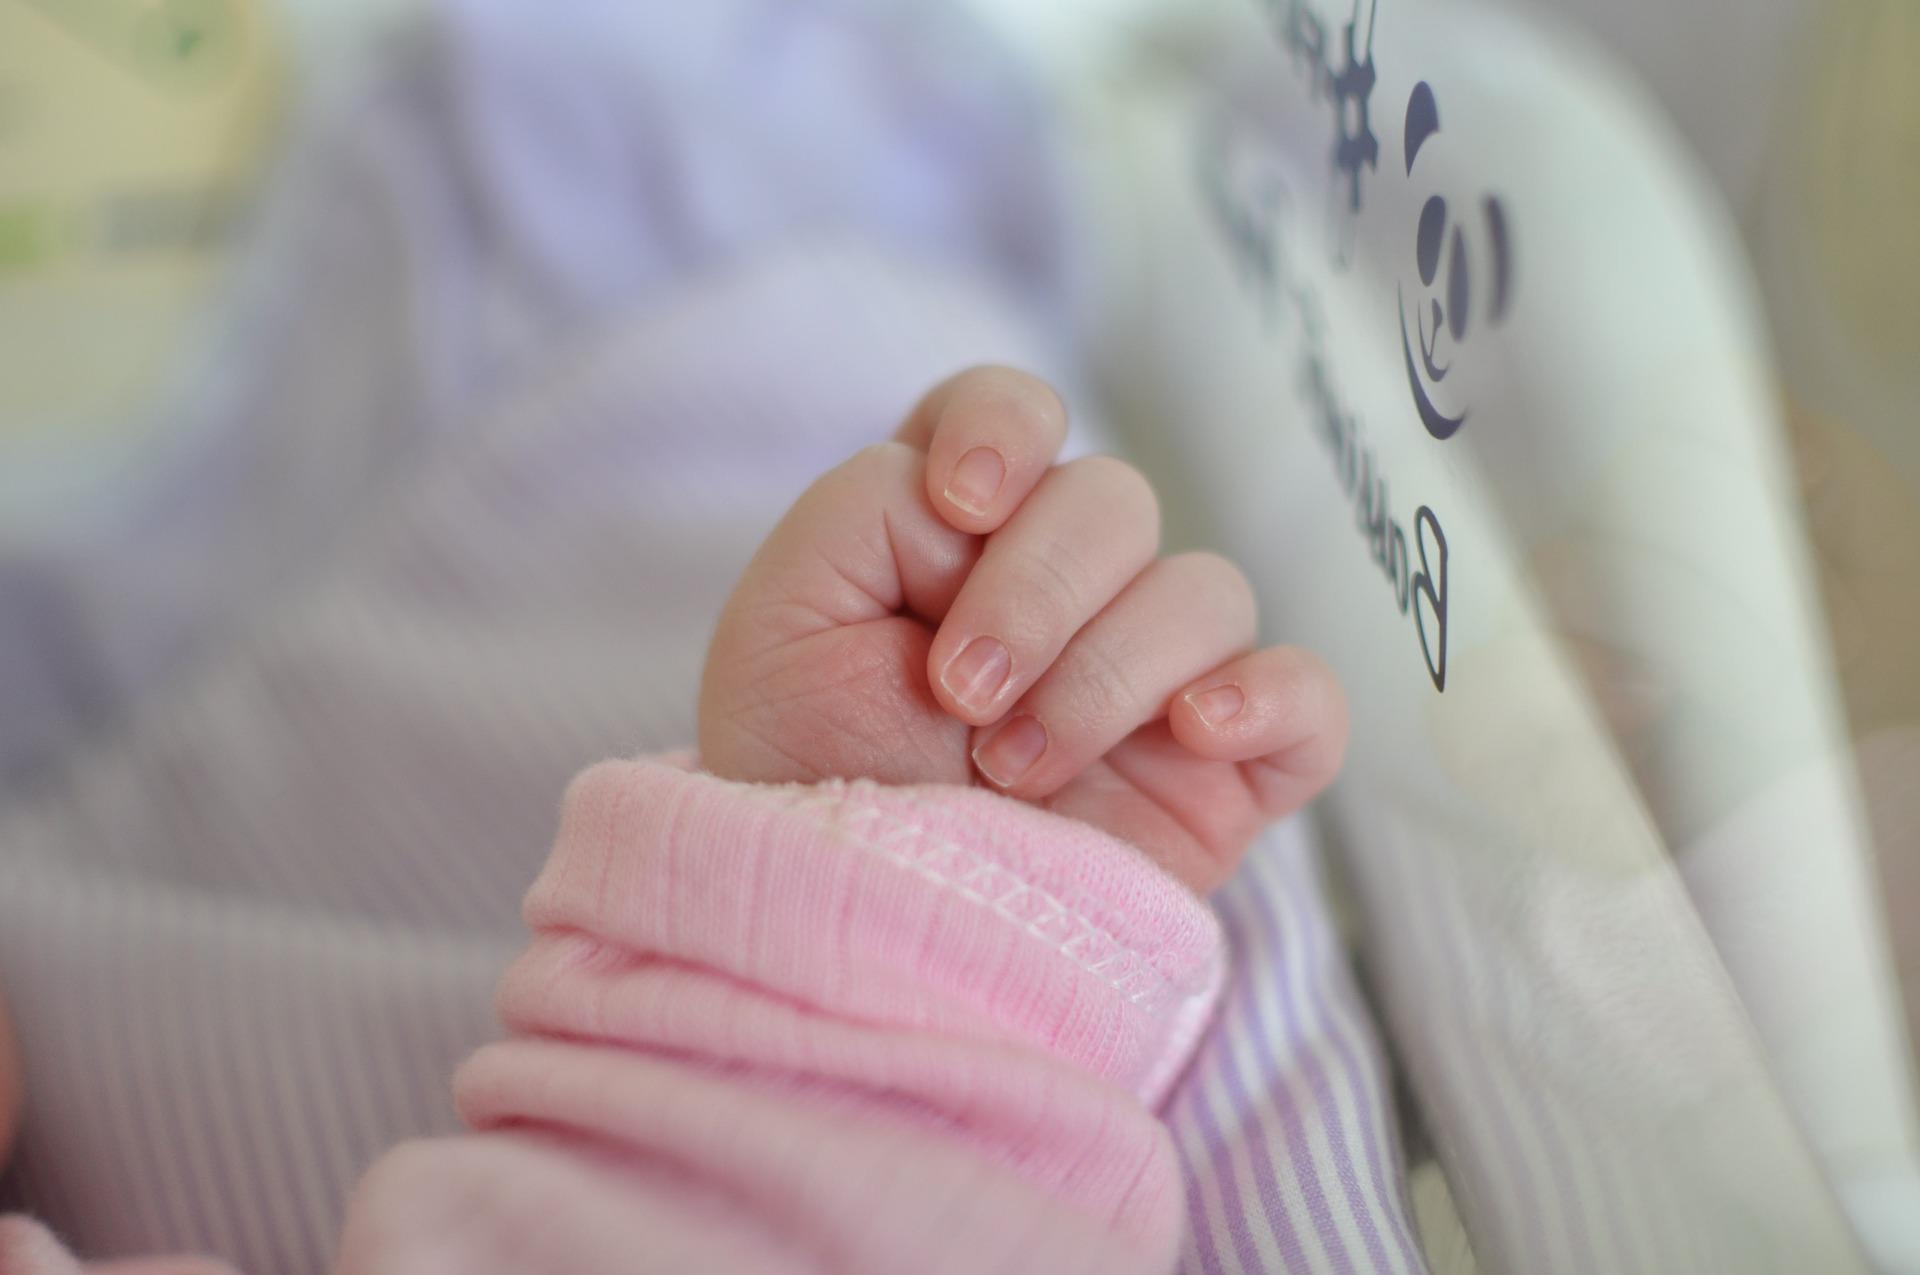 Sindrome di Down, nel regno Unito nuove linee guida per le pressioni dei medici all'aborto